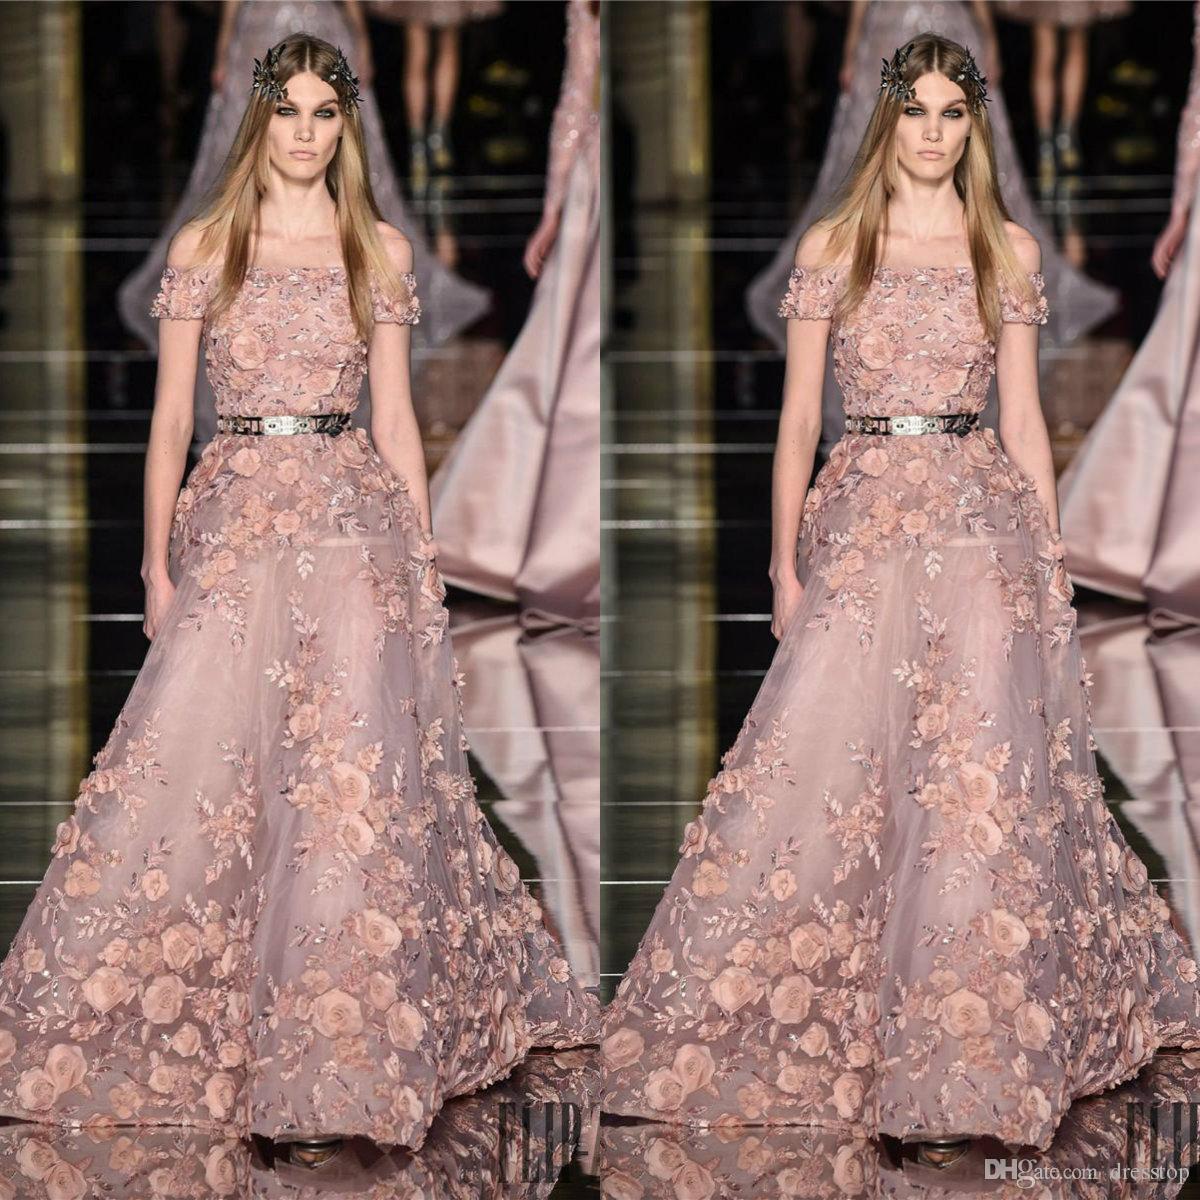 Zuhair Murad Prom Dresses 3D Blumenapplikationen Lange Schulterfrei A-Linie Perlen Abendkleider Sweep Zug Tüll Partykleid Für Frauen